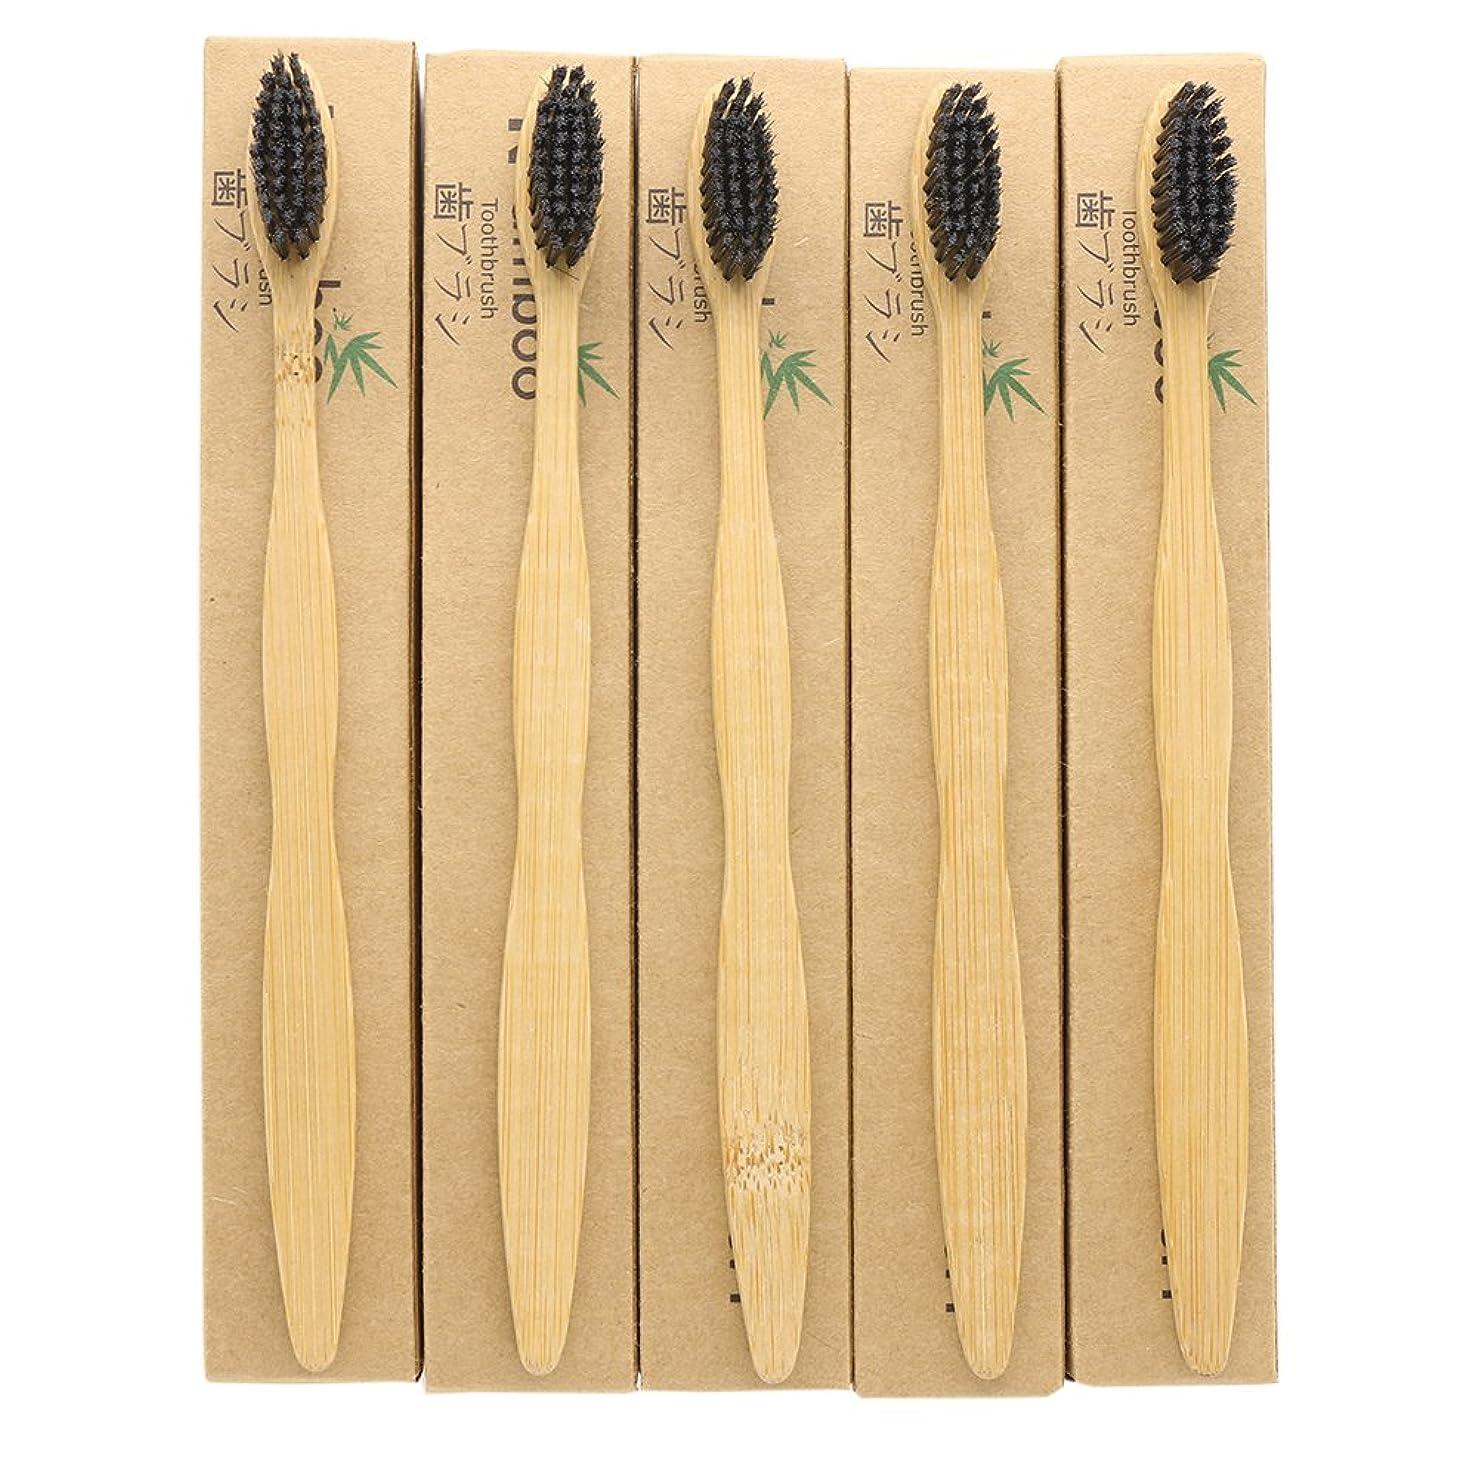 重要な役割を果たす、中心的な手段となる枕日帰り旅行にN-amboo 歯ブラシ 5本入り 竹製 耐久性 黒